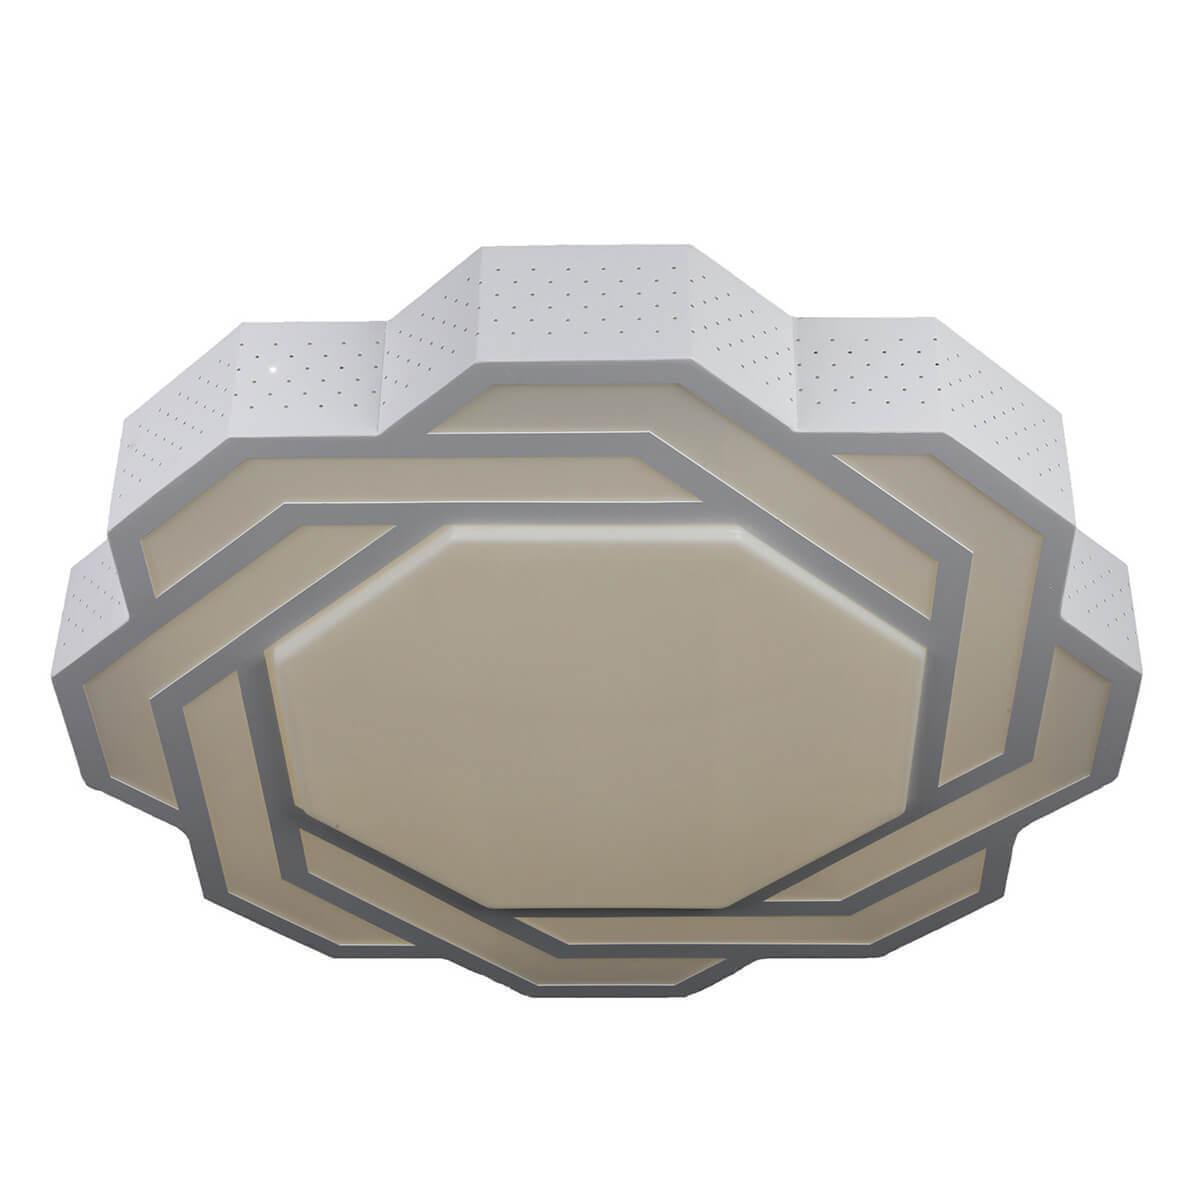 Потолочный светильник Omnilux OML-43607-59, LED, 59 Вт